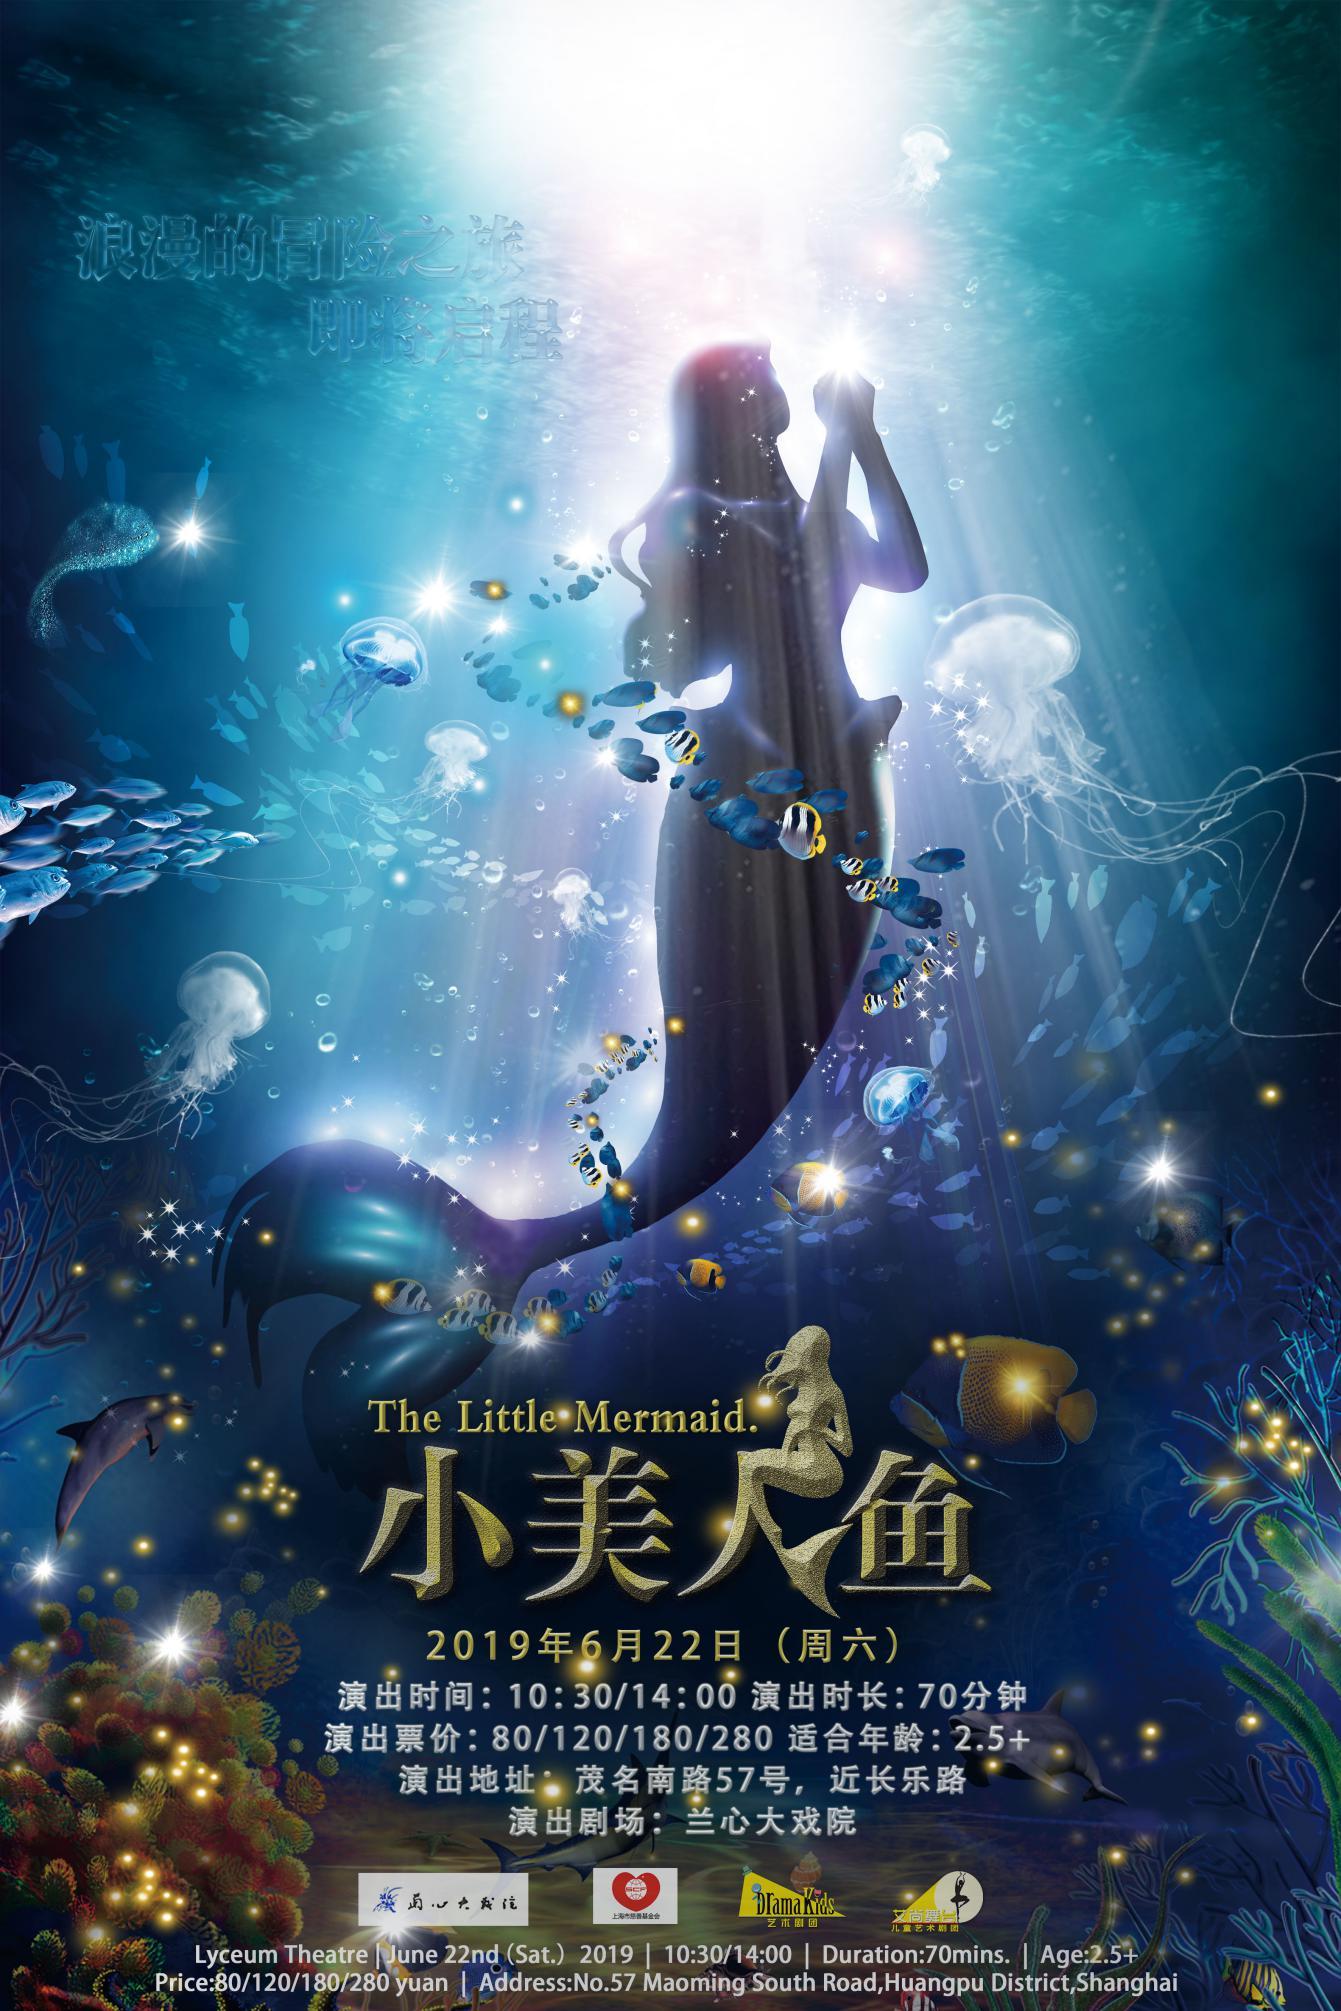 梦幻励志童话剧《小美人鱼》上海站